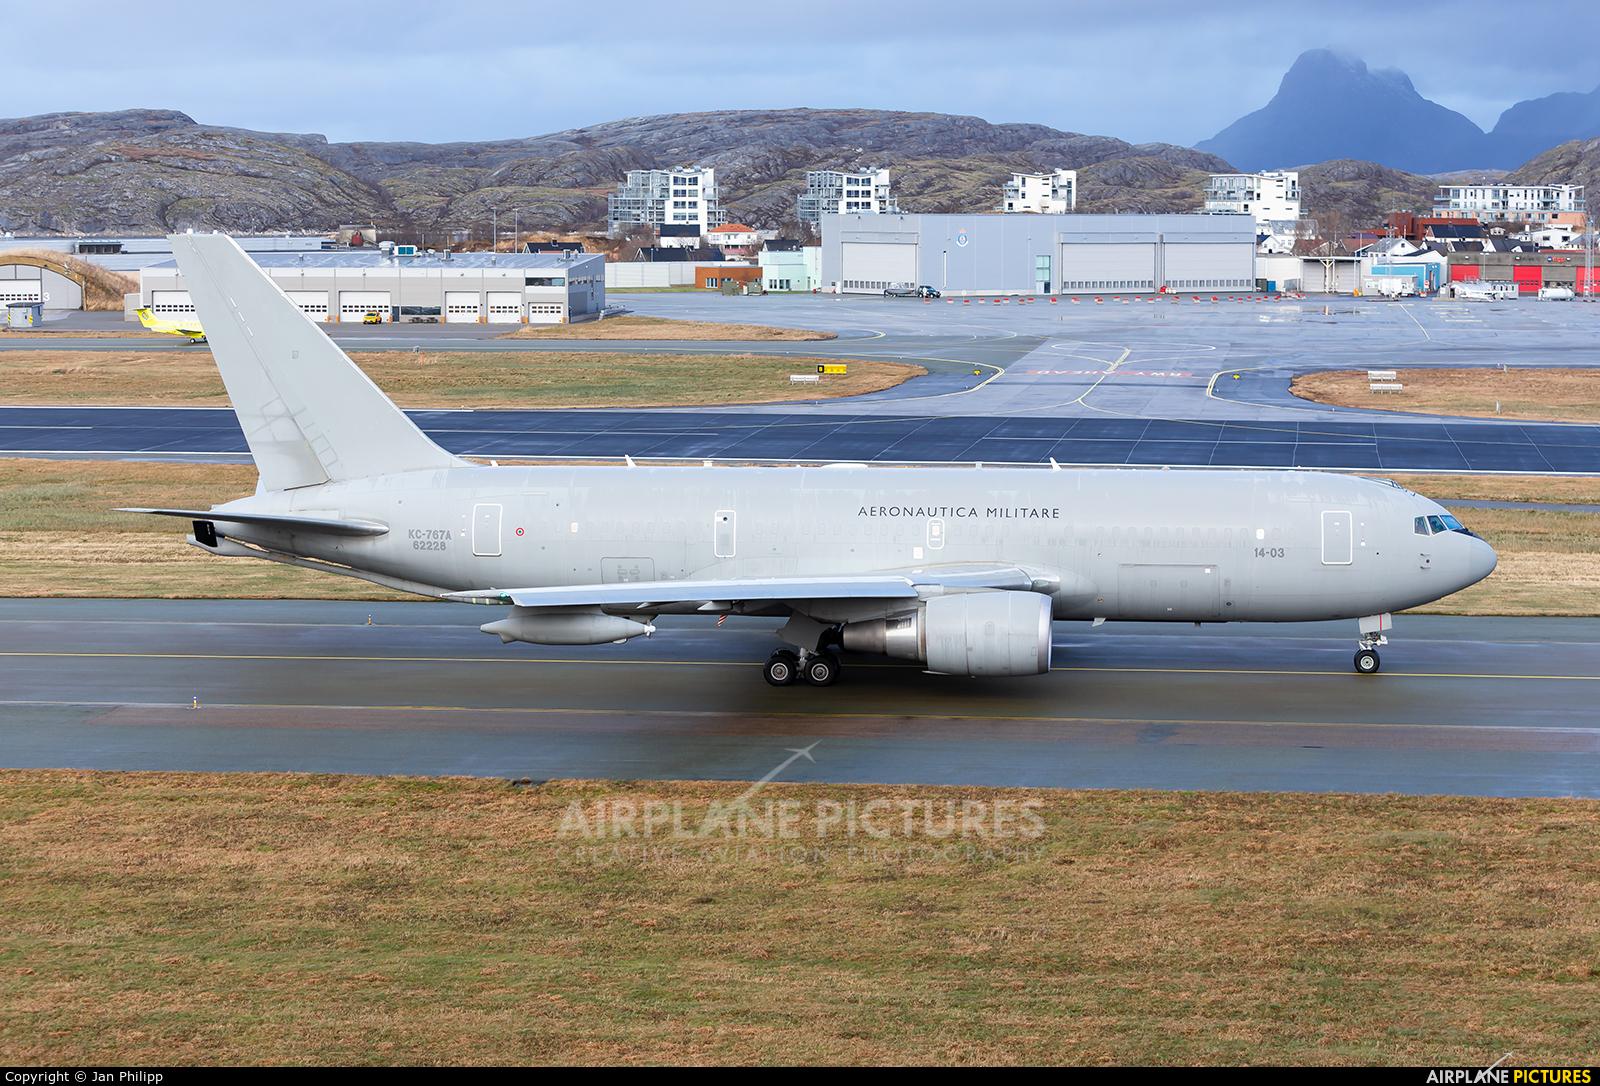 Italy - Air Force MM62228 aircraft at Bodø